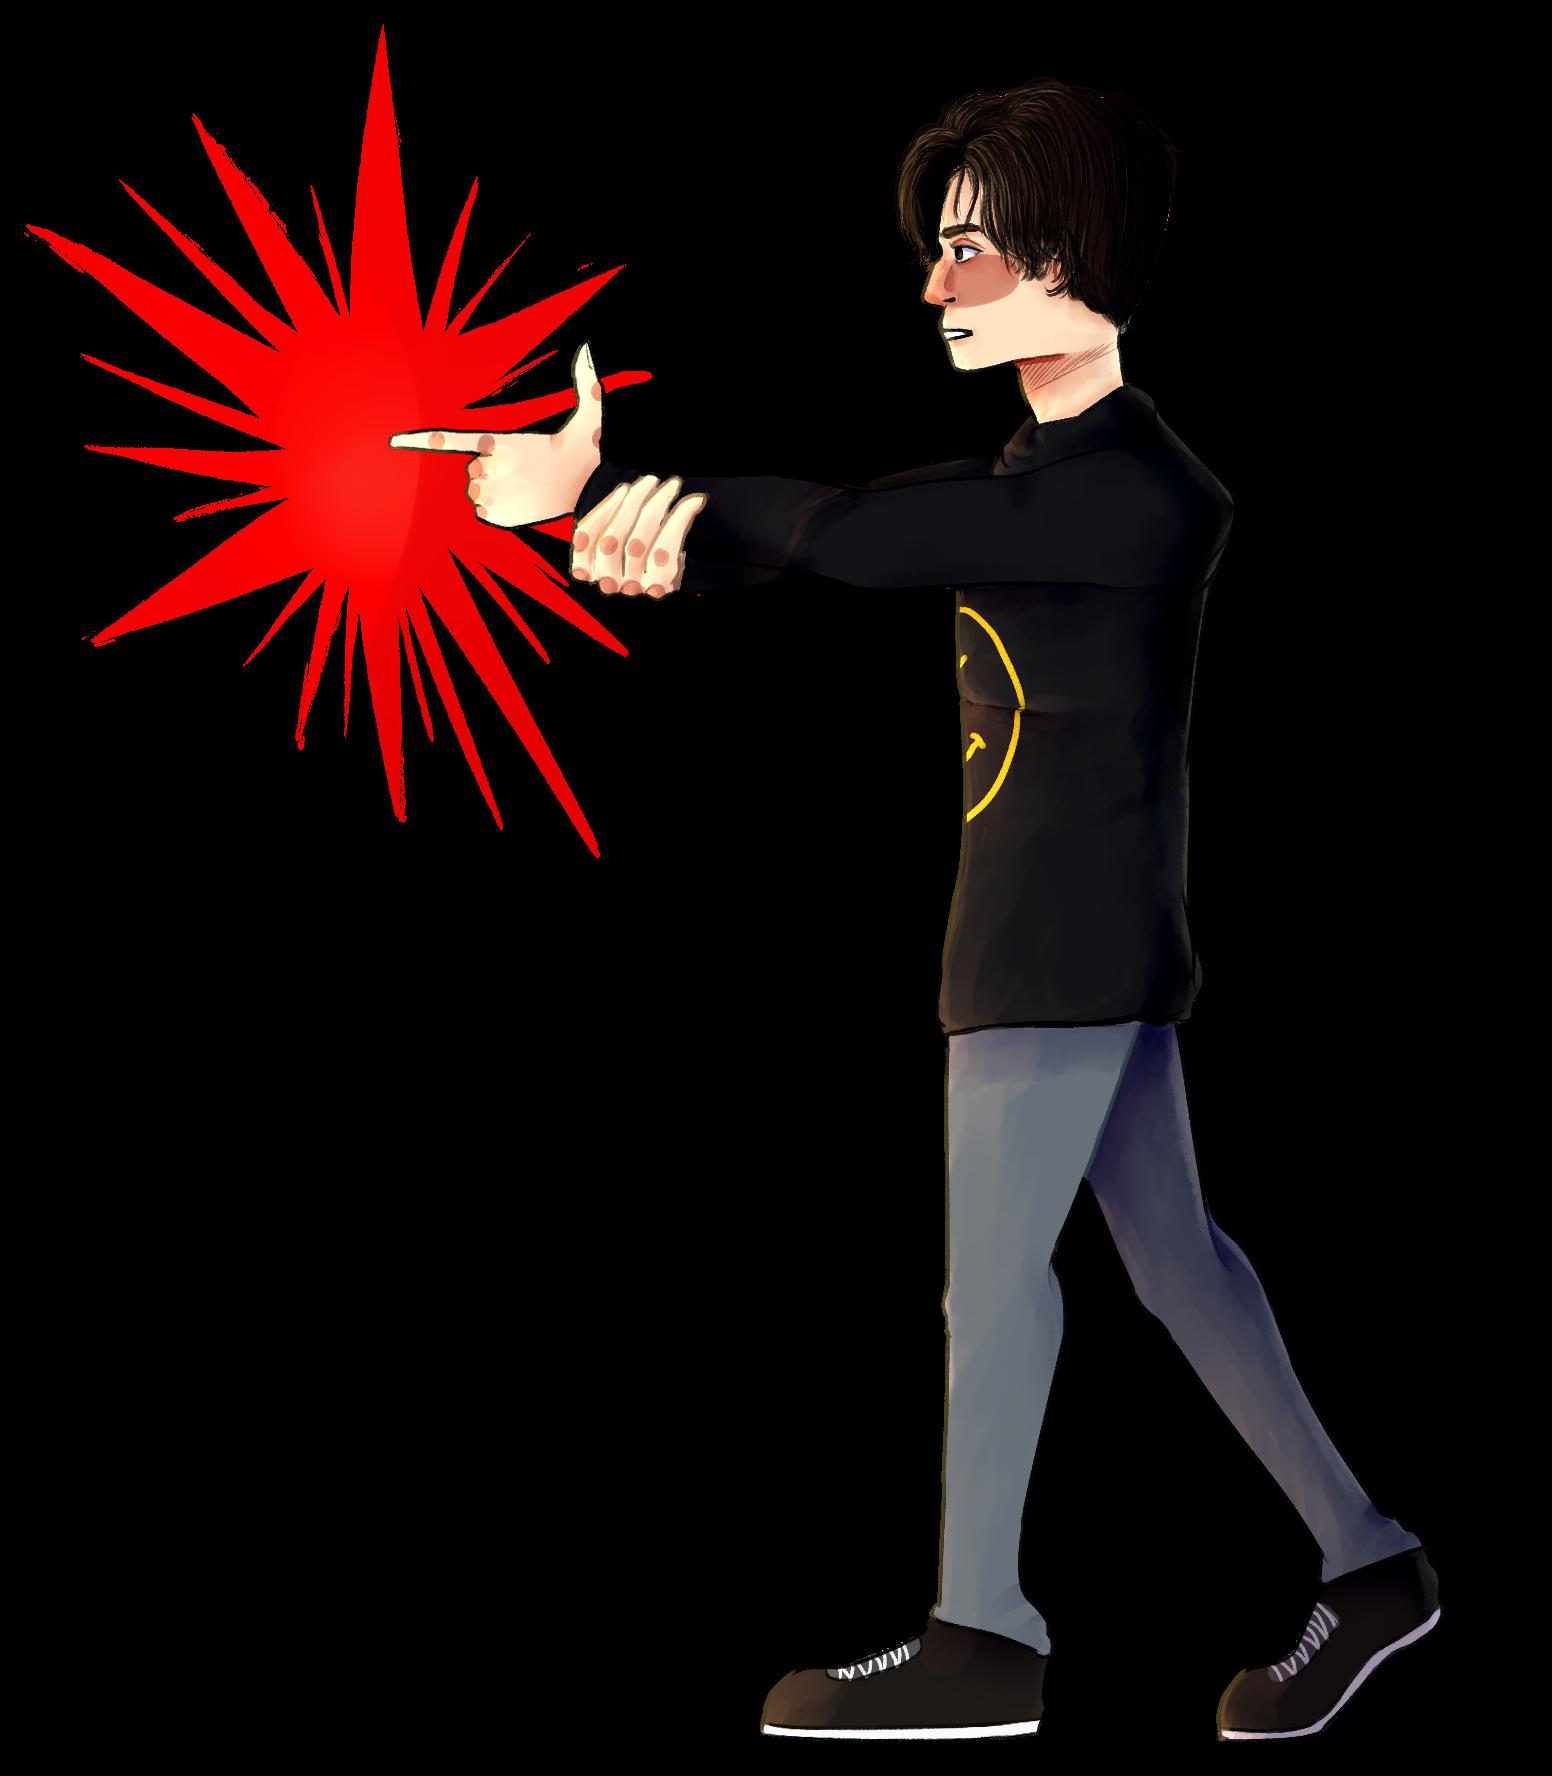 bang bang bang by Official-Fallblossom